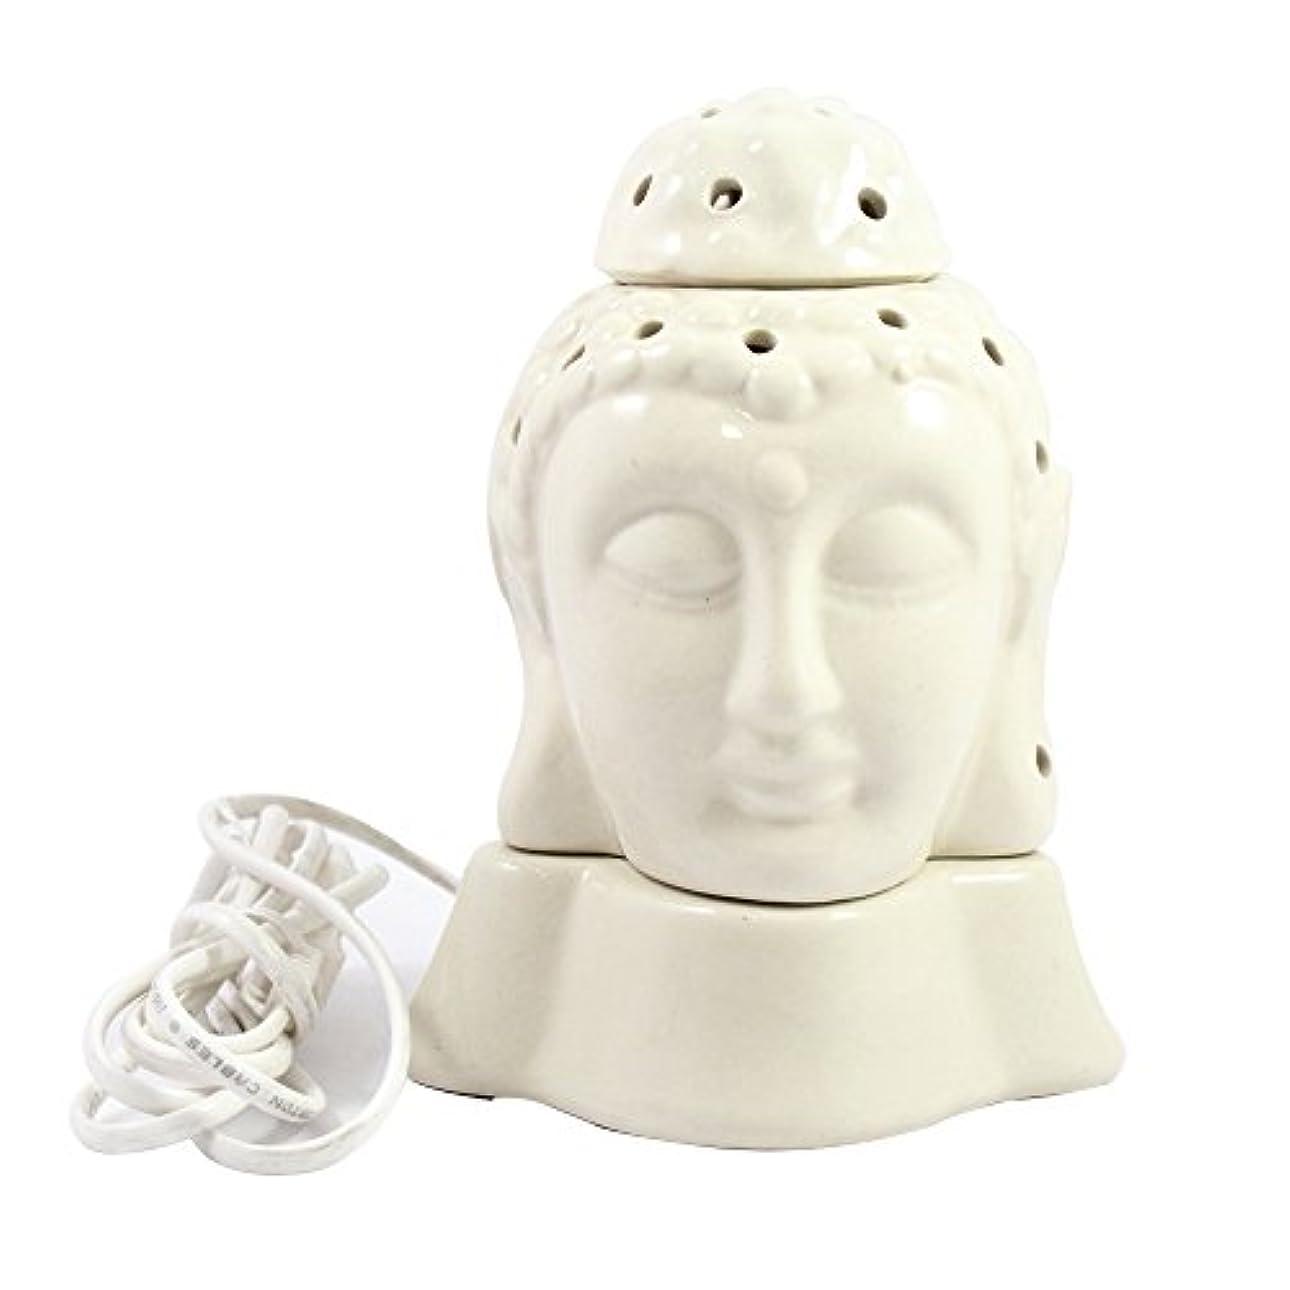 安西副チャートGautama Buddha電気アロマオイルバーナー&ティーライトランプ/良質ホワイトカラー数量1 /汚染無料手作りセラミック主仏電気T - ライトランプ&香油ディフューザー